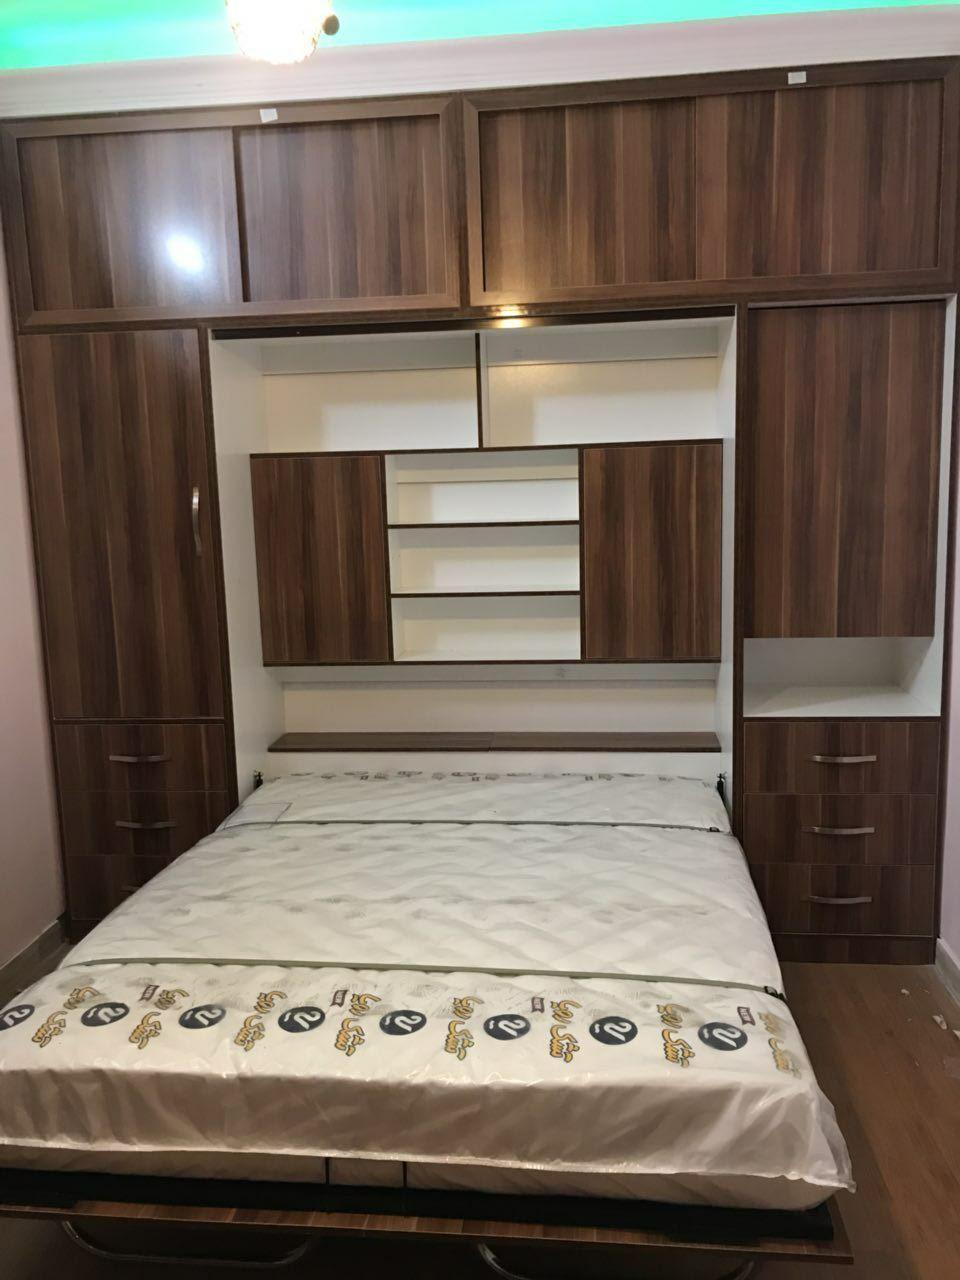 تخت کمجا /کابینت/سرویس خواب*پارتیشن /کمد دیواری/میز /تخت کودک